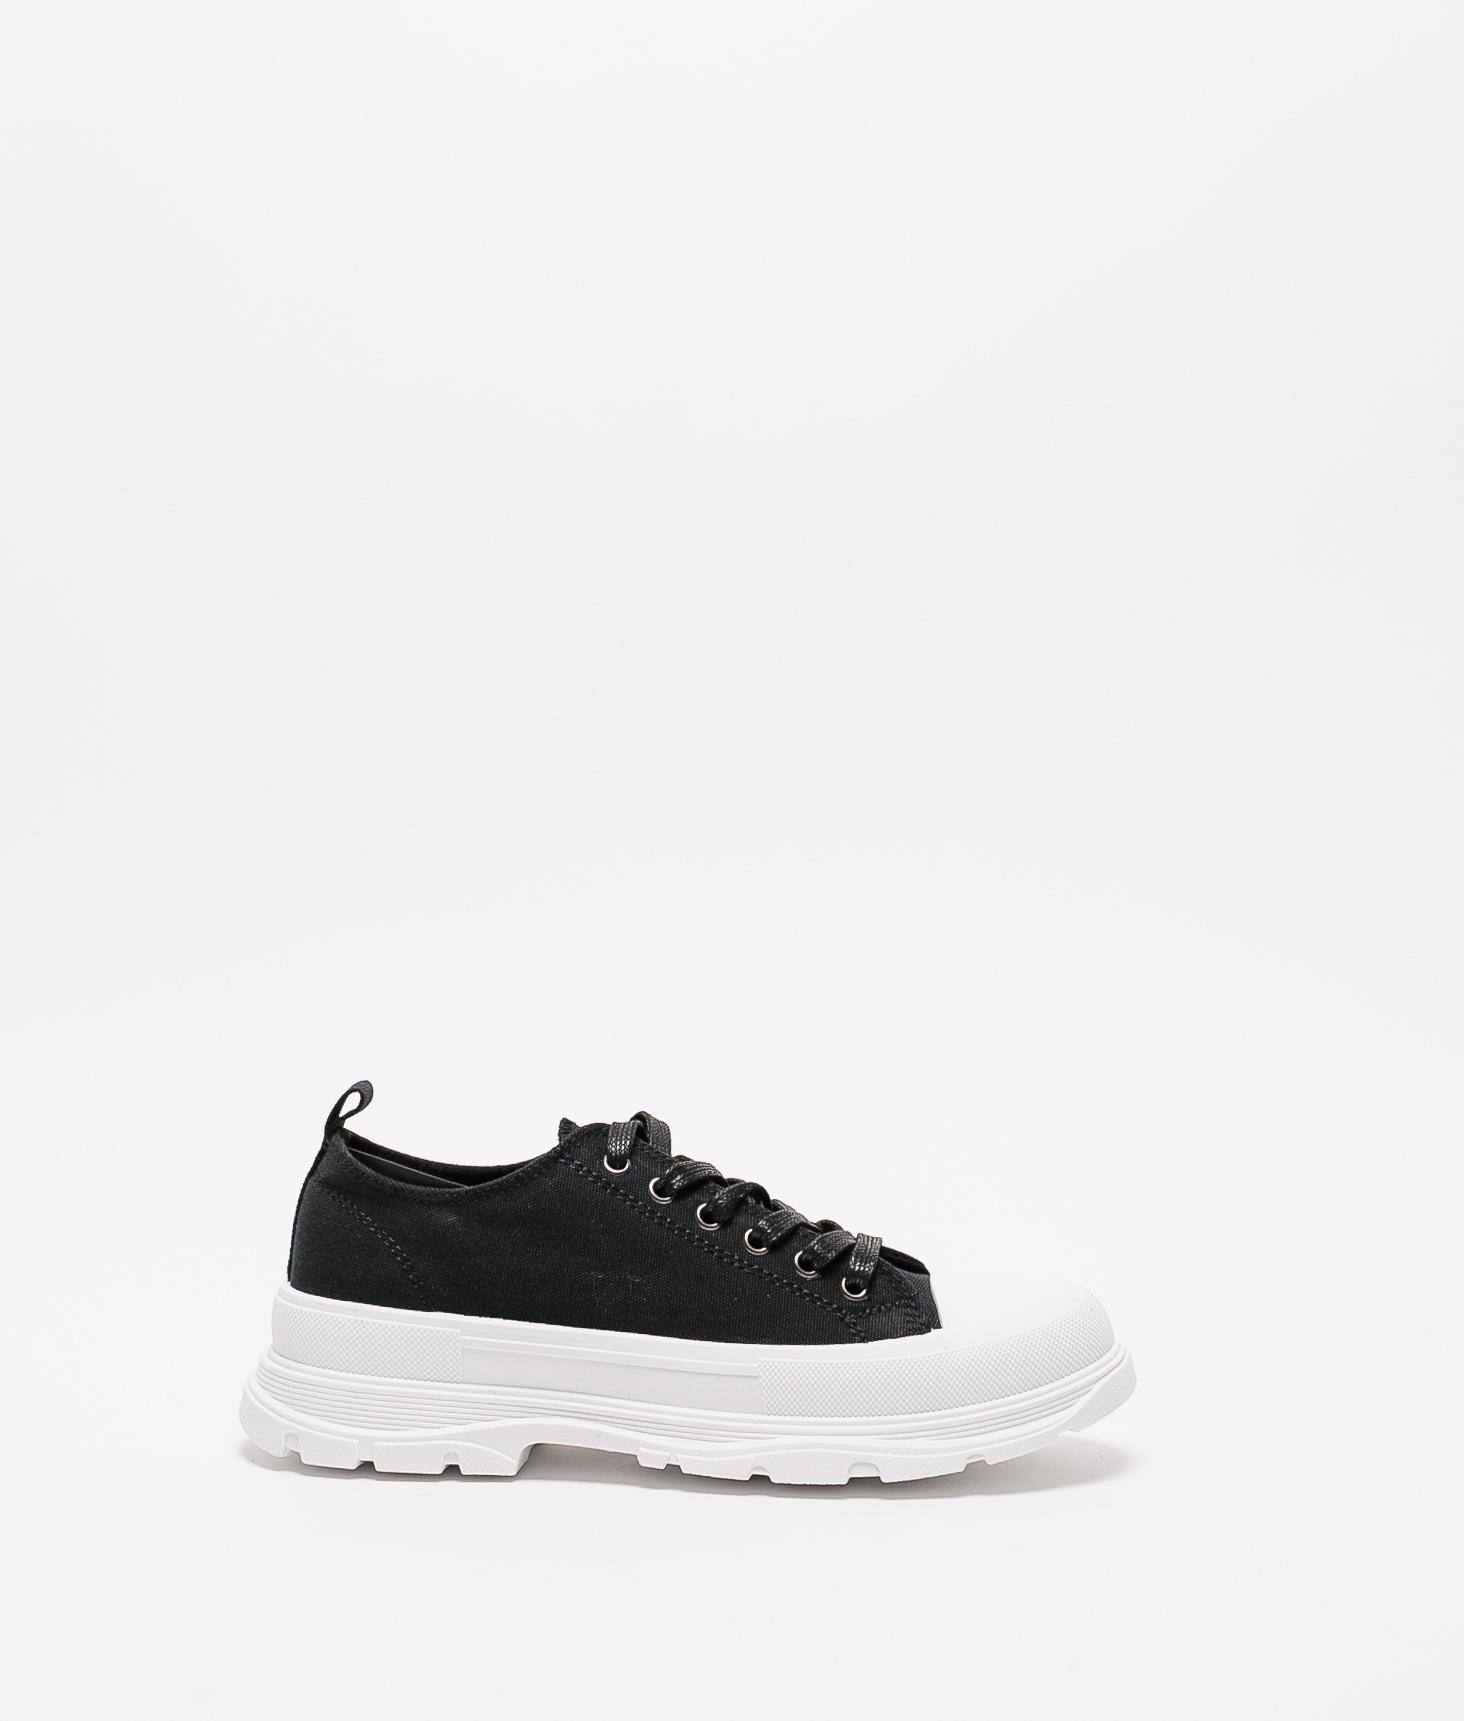 Sneakers Kele - Preto